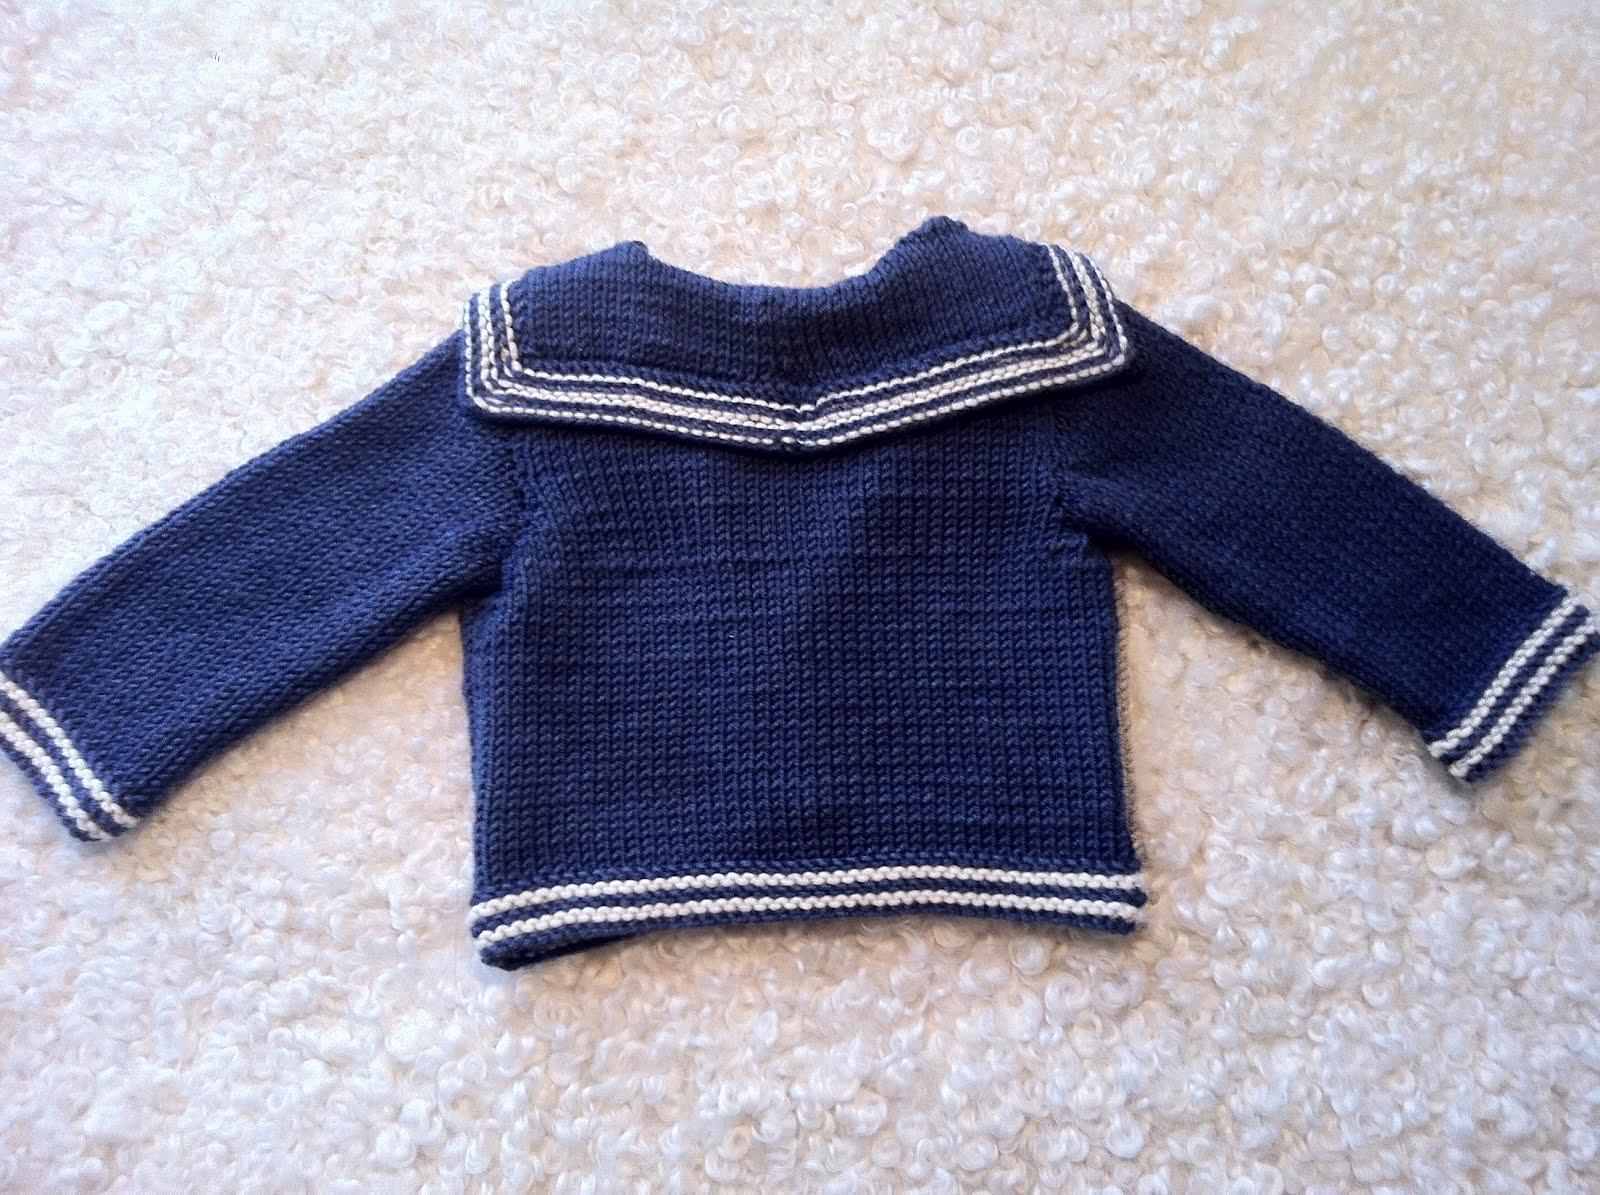 c5f92b551976 ... från mönster ur The sixth little Sublime hand knit book. Den stickas på  4:or. Garnet är en blandning av cashmere, merinoull och silke som jag först  inte ...